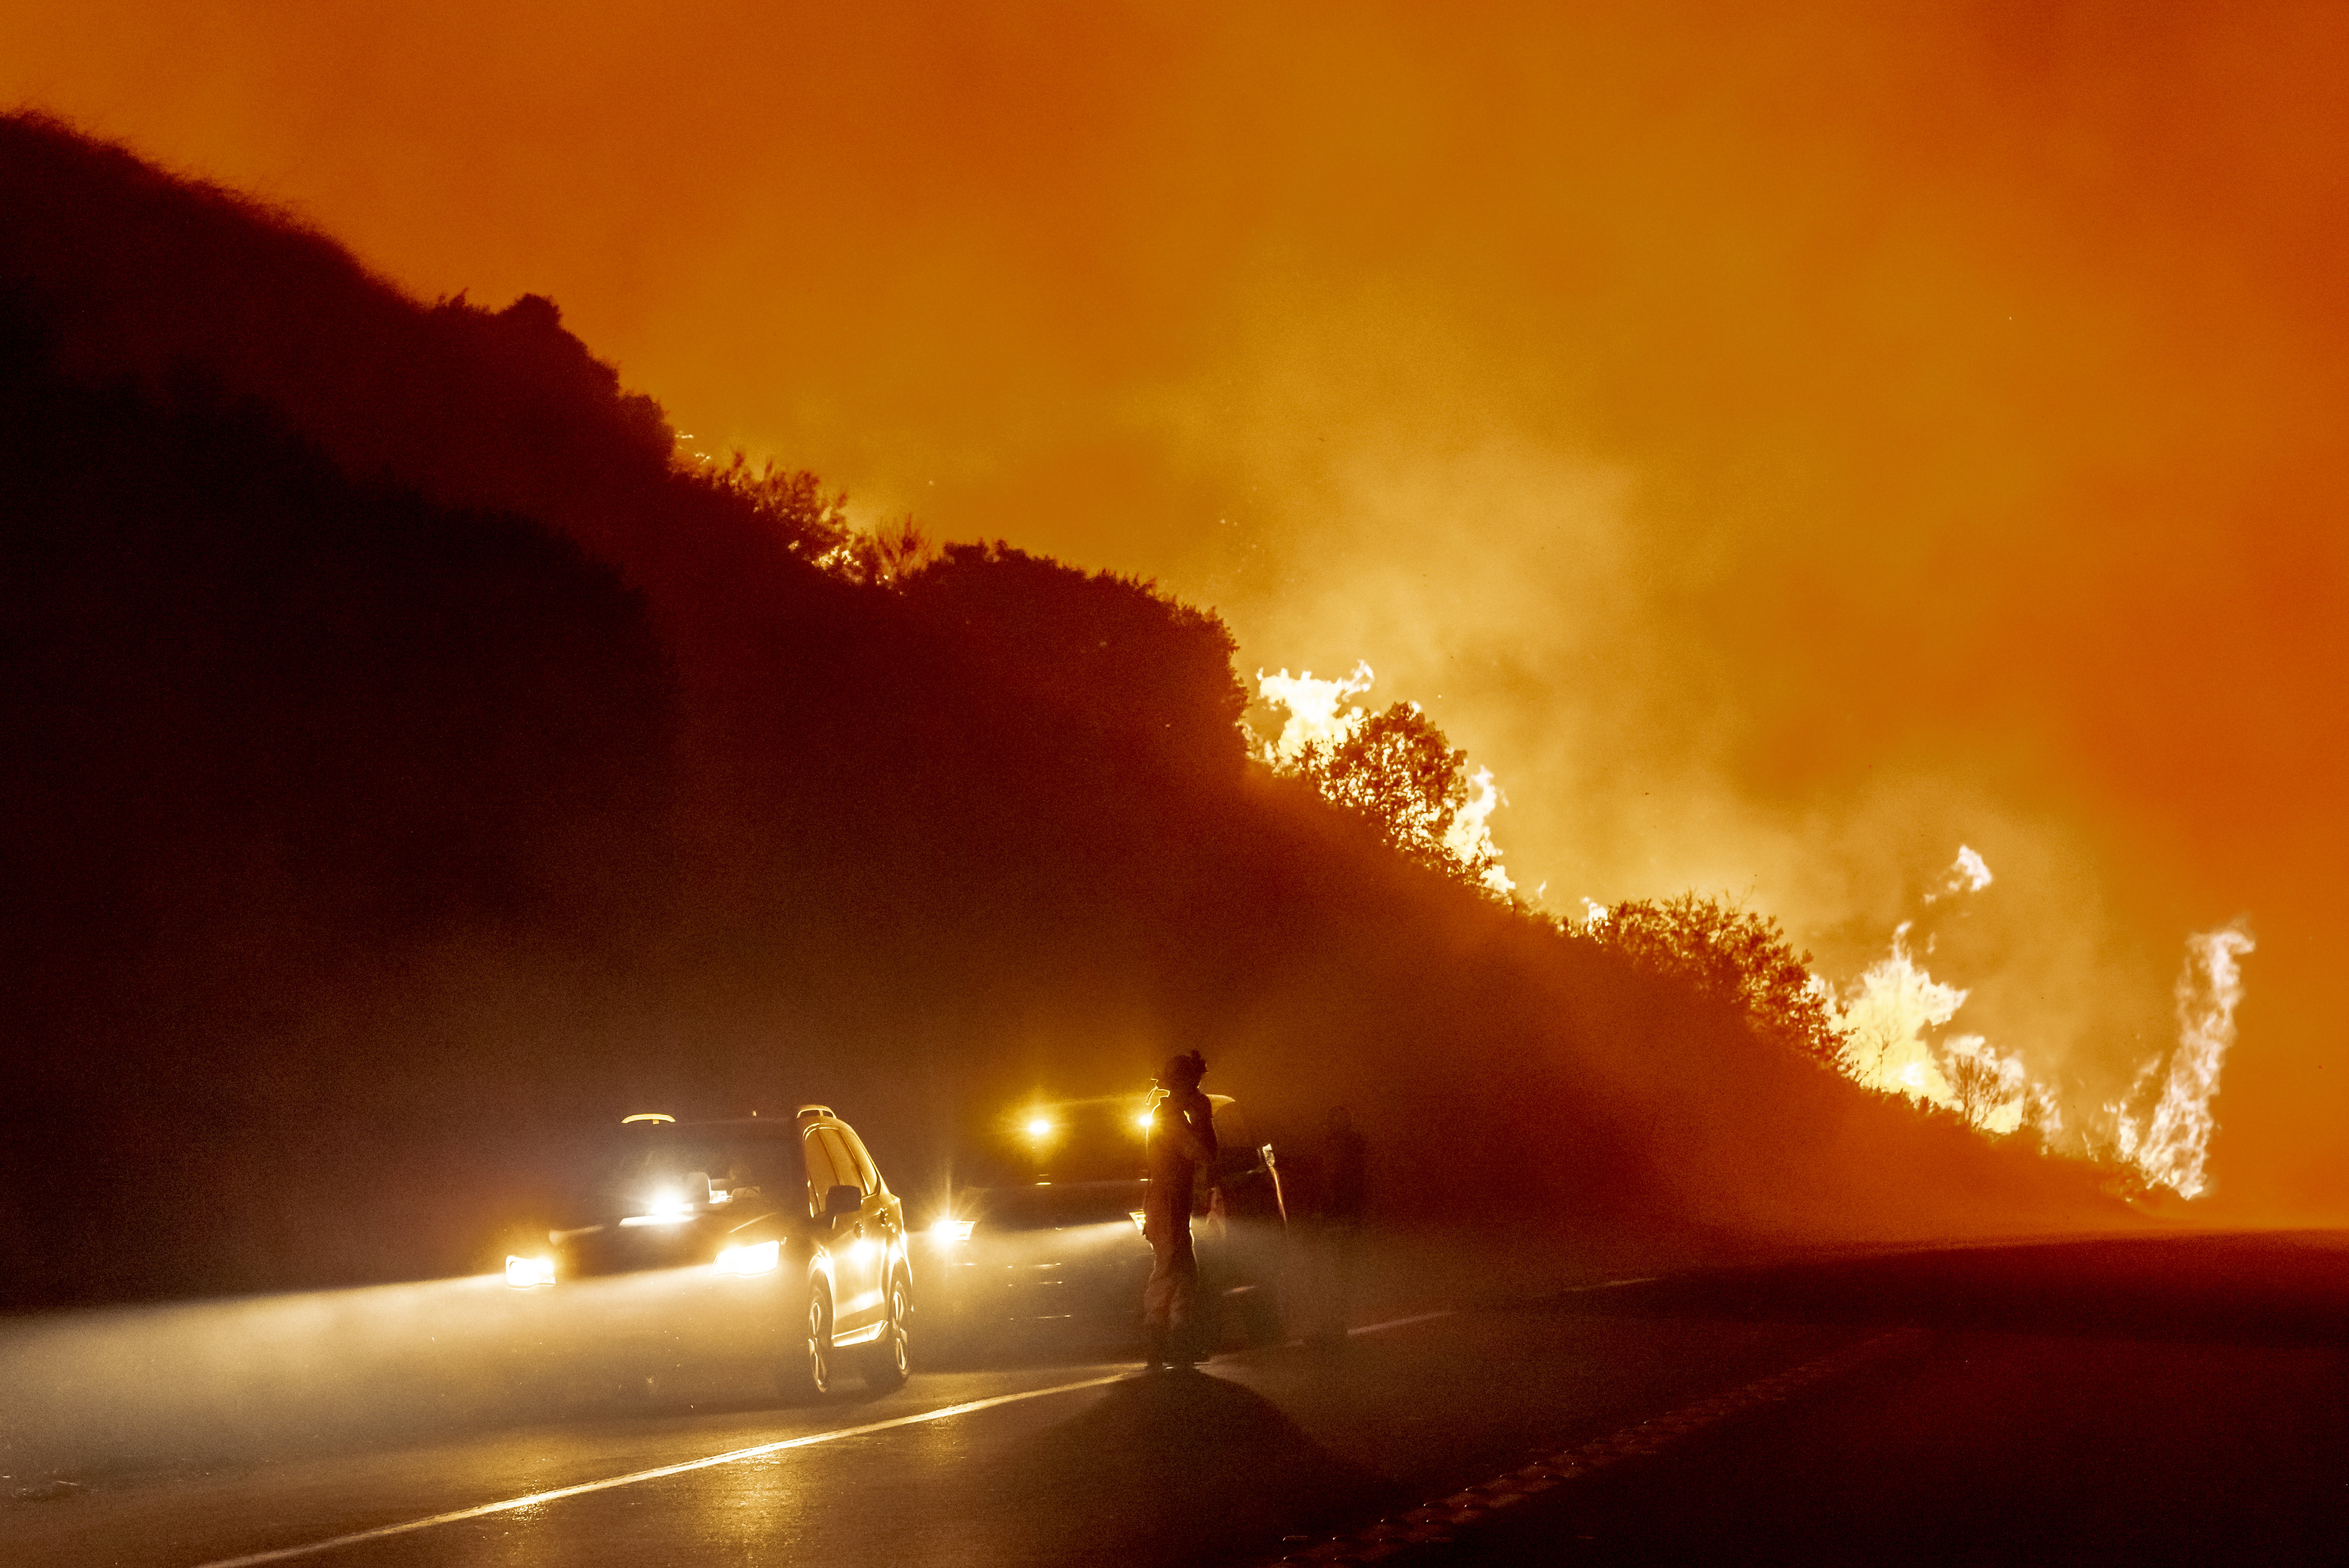 邦德山火受控面积已达50%